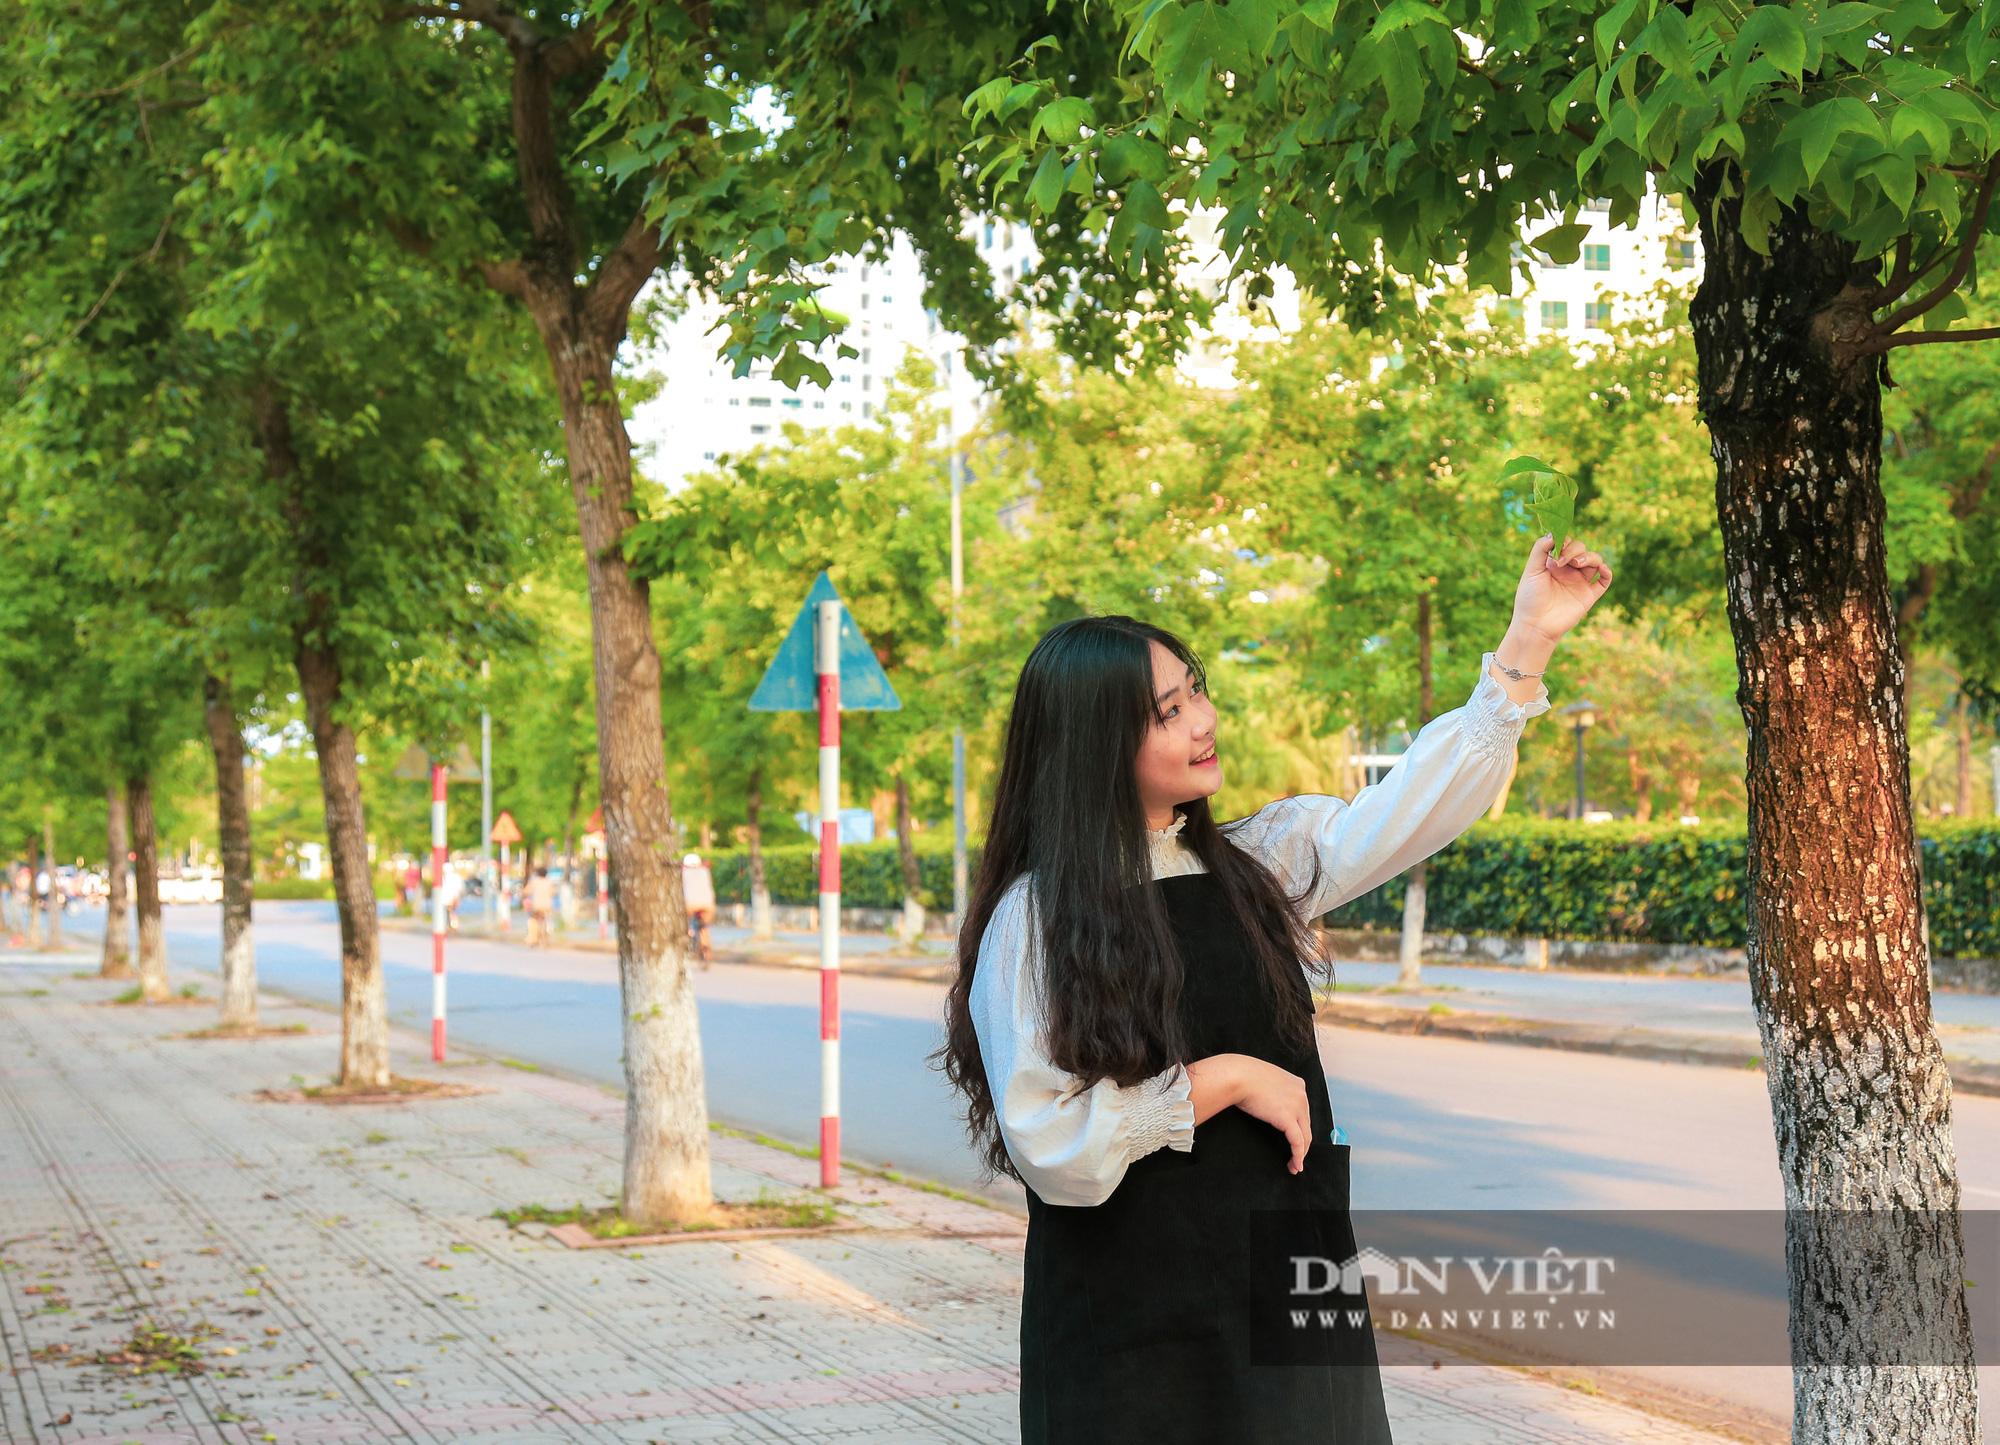 Ngỡ ngàng loài cây giống hệt phong lá đỏ xanh tốt giữa phố Hà Nội - Ảnh 11.